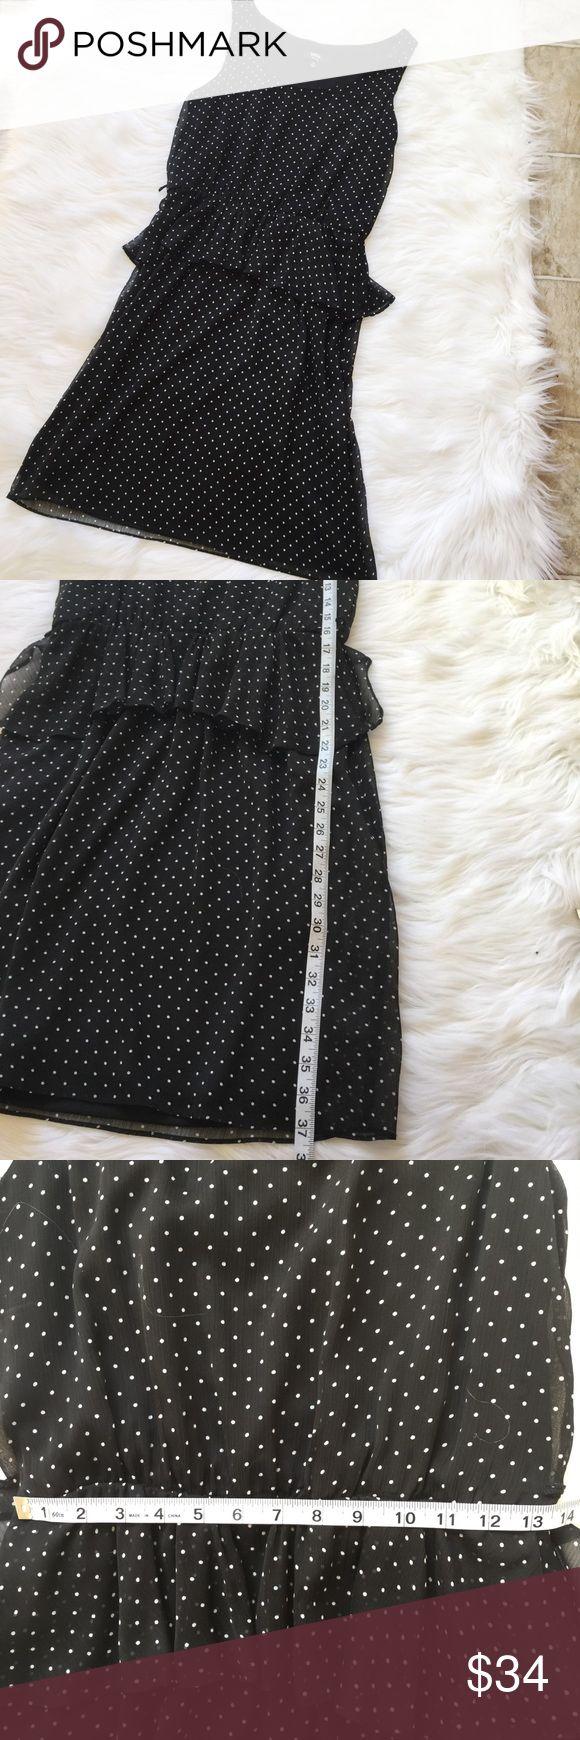 """MSK Polka Dotted Black Empire Mini Flow Dress Measurements: Chest: 35"""", Waist: 25"""", Length: 37"""" Condition: Excellent! Size: 10 Petite Dresses Mini"""